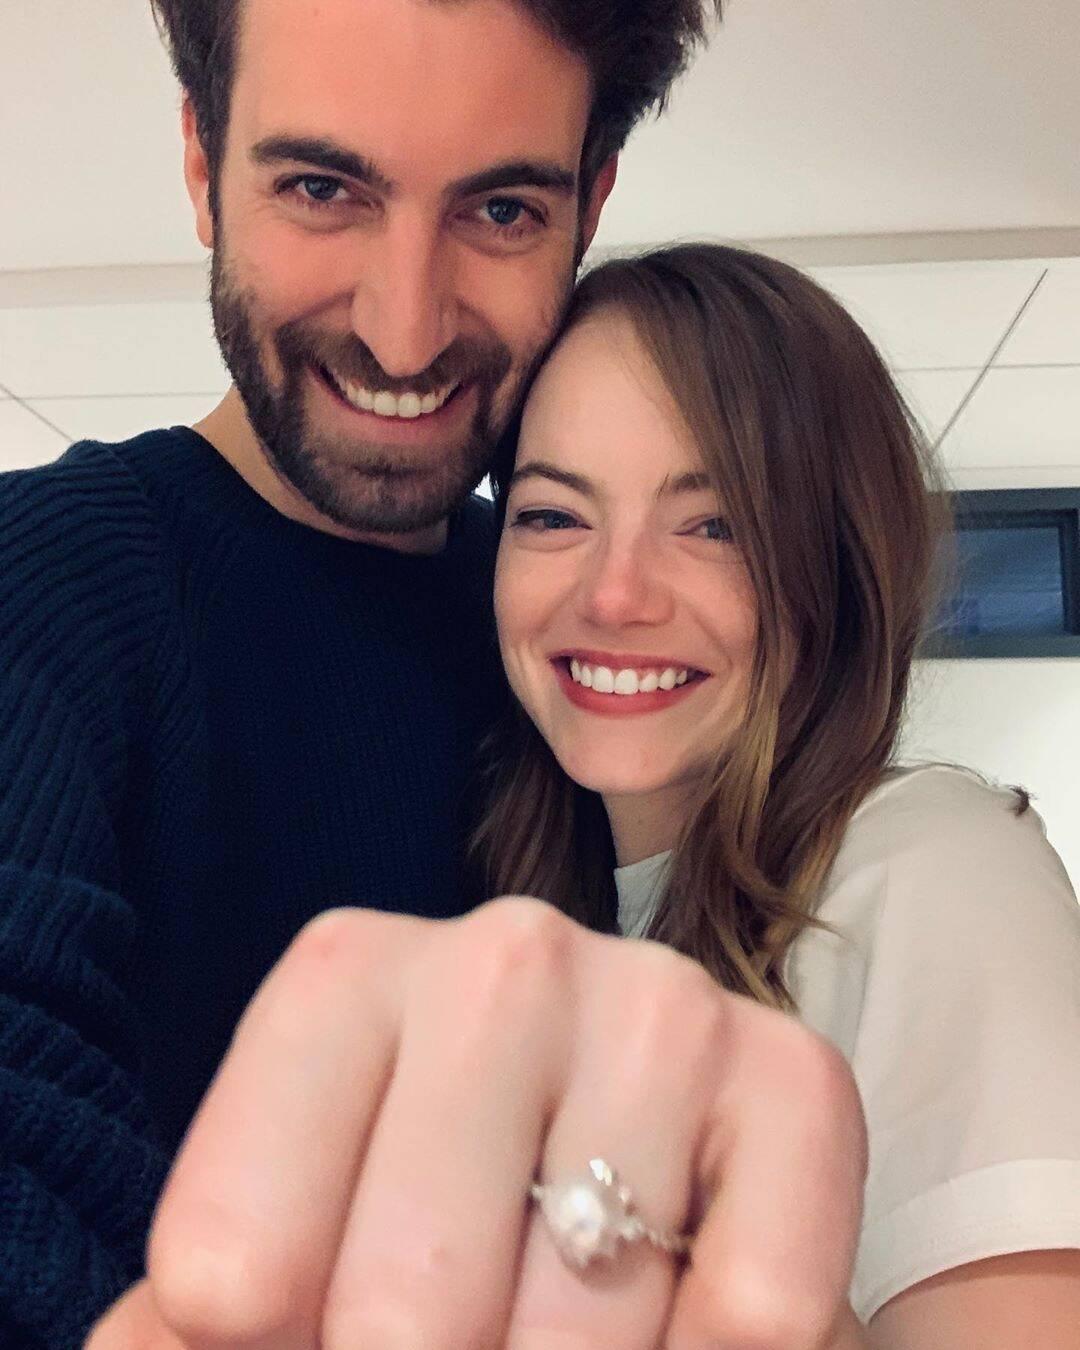 艾瑪史東訂婚了!她嬌羞靠「製作人男友」懷裡 交往2年「曬鑽戒」粉絲祝福❤